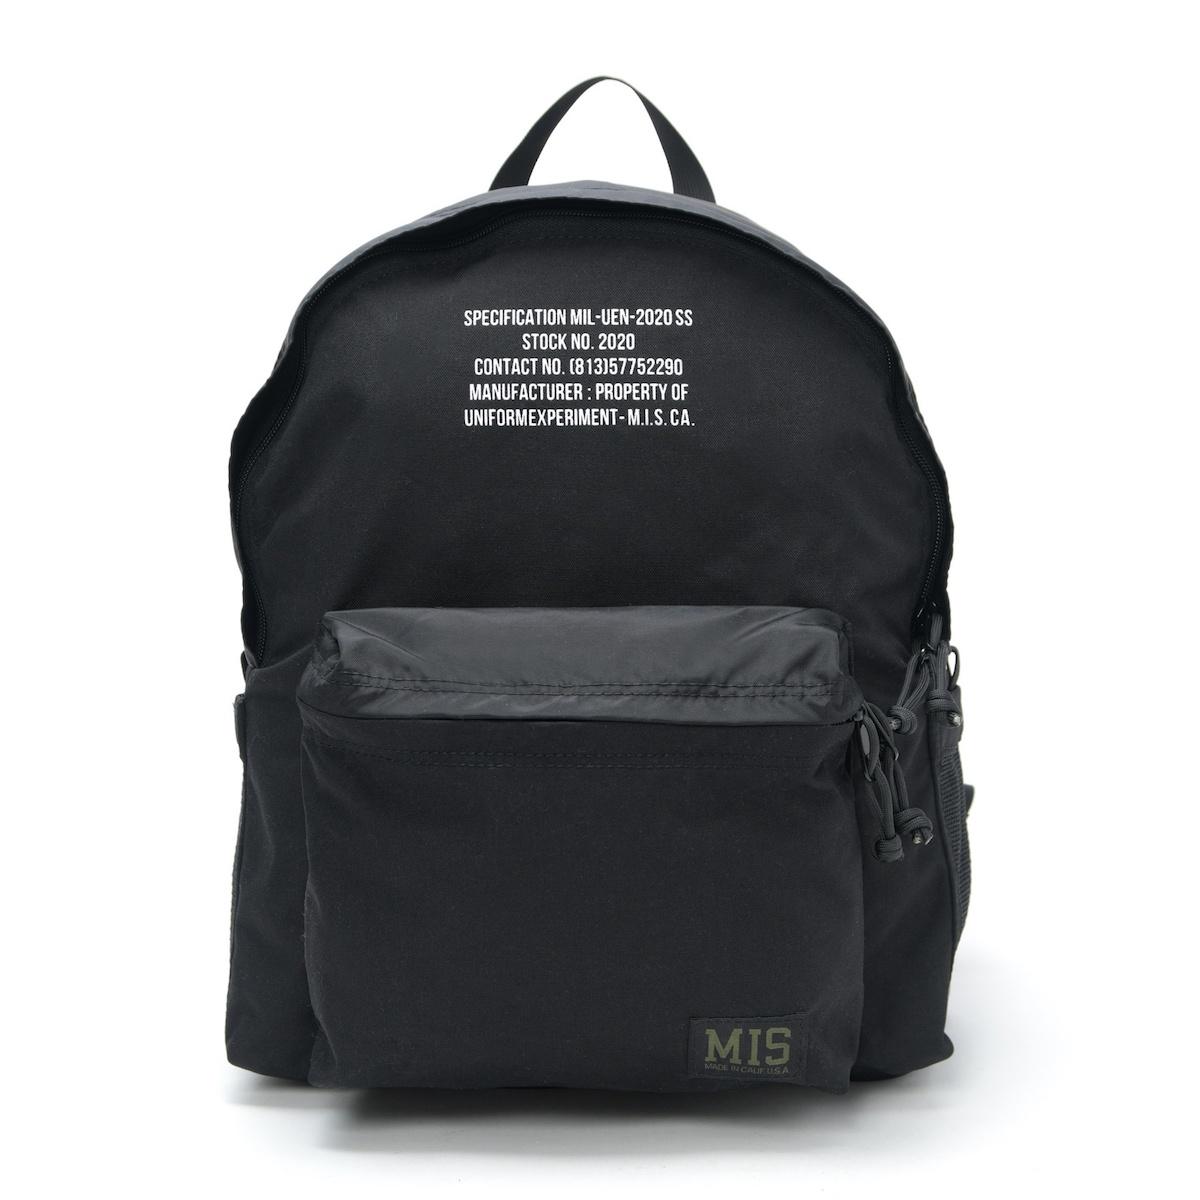 uniform experiment / MIS DAYPACK (Black)正面